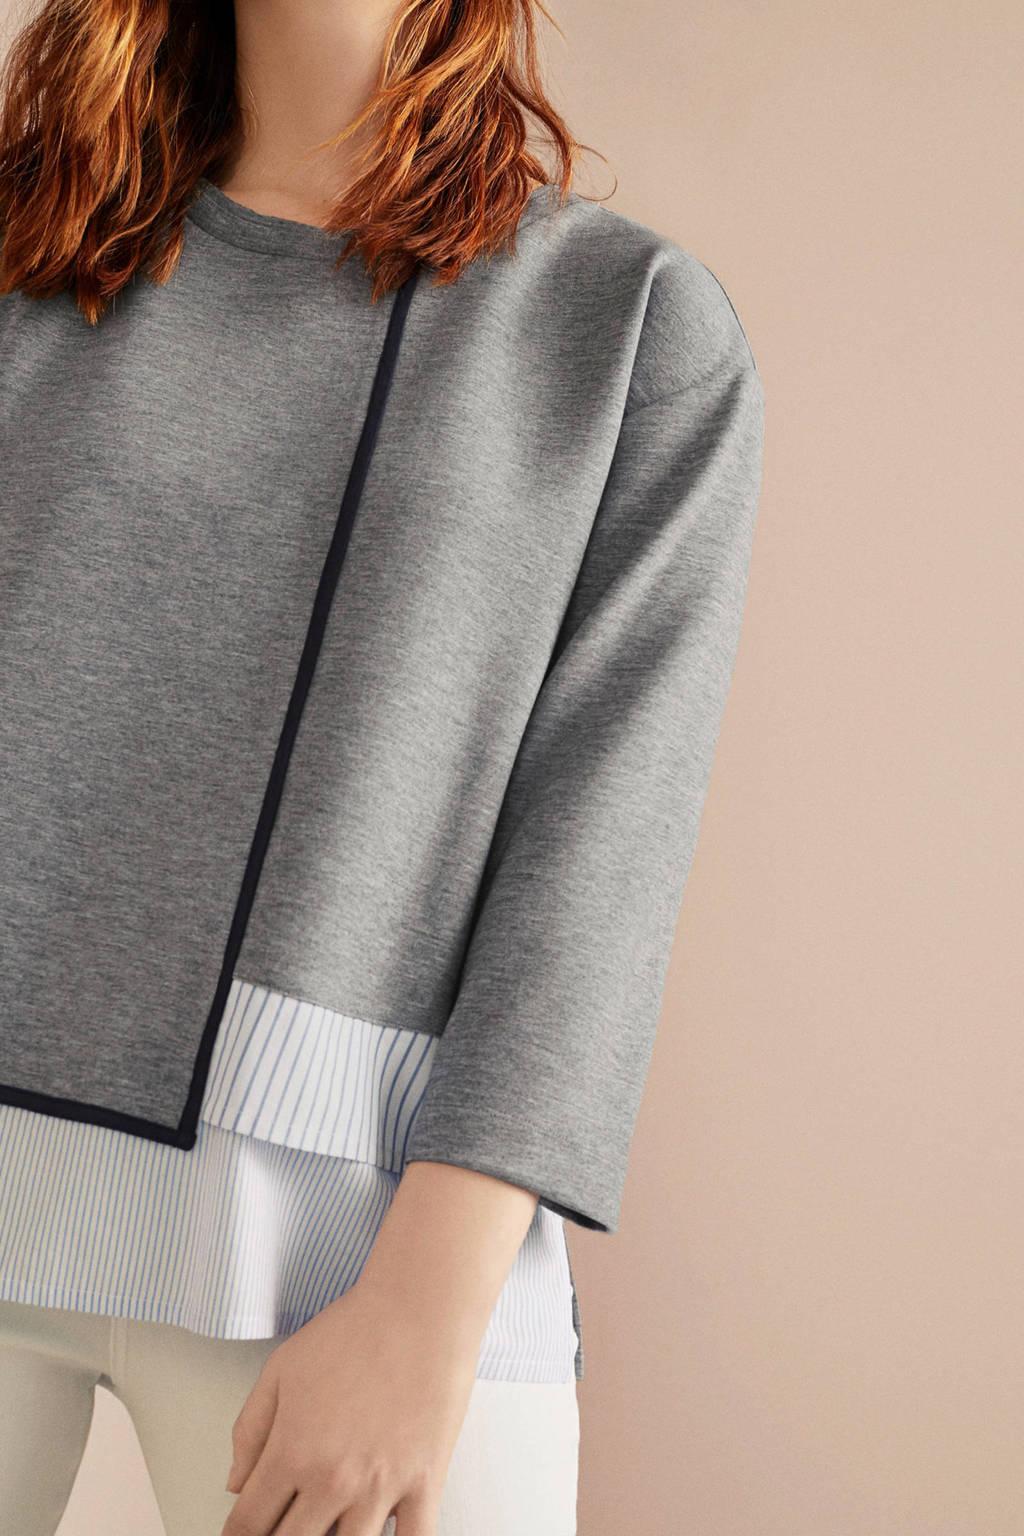 Violeta by Mango asymmetrische sweater grijs, Grijs/ Marine/ Wit